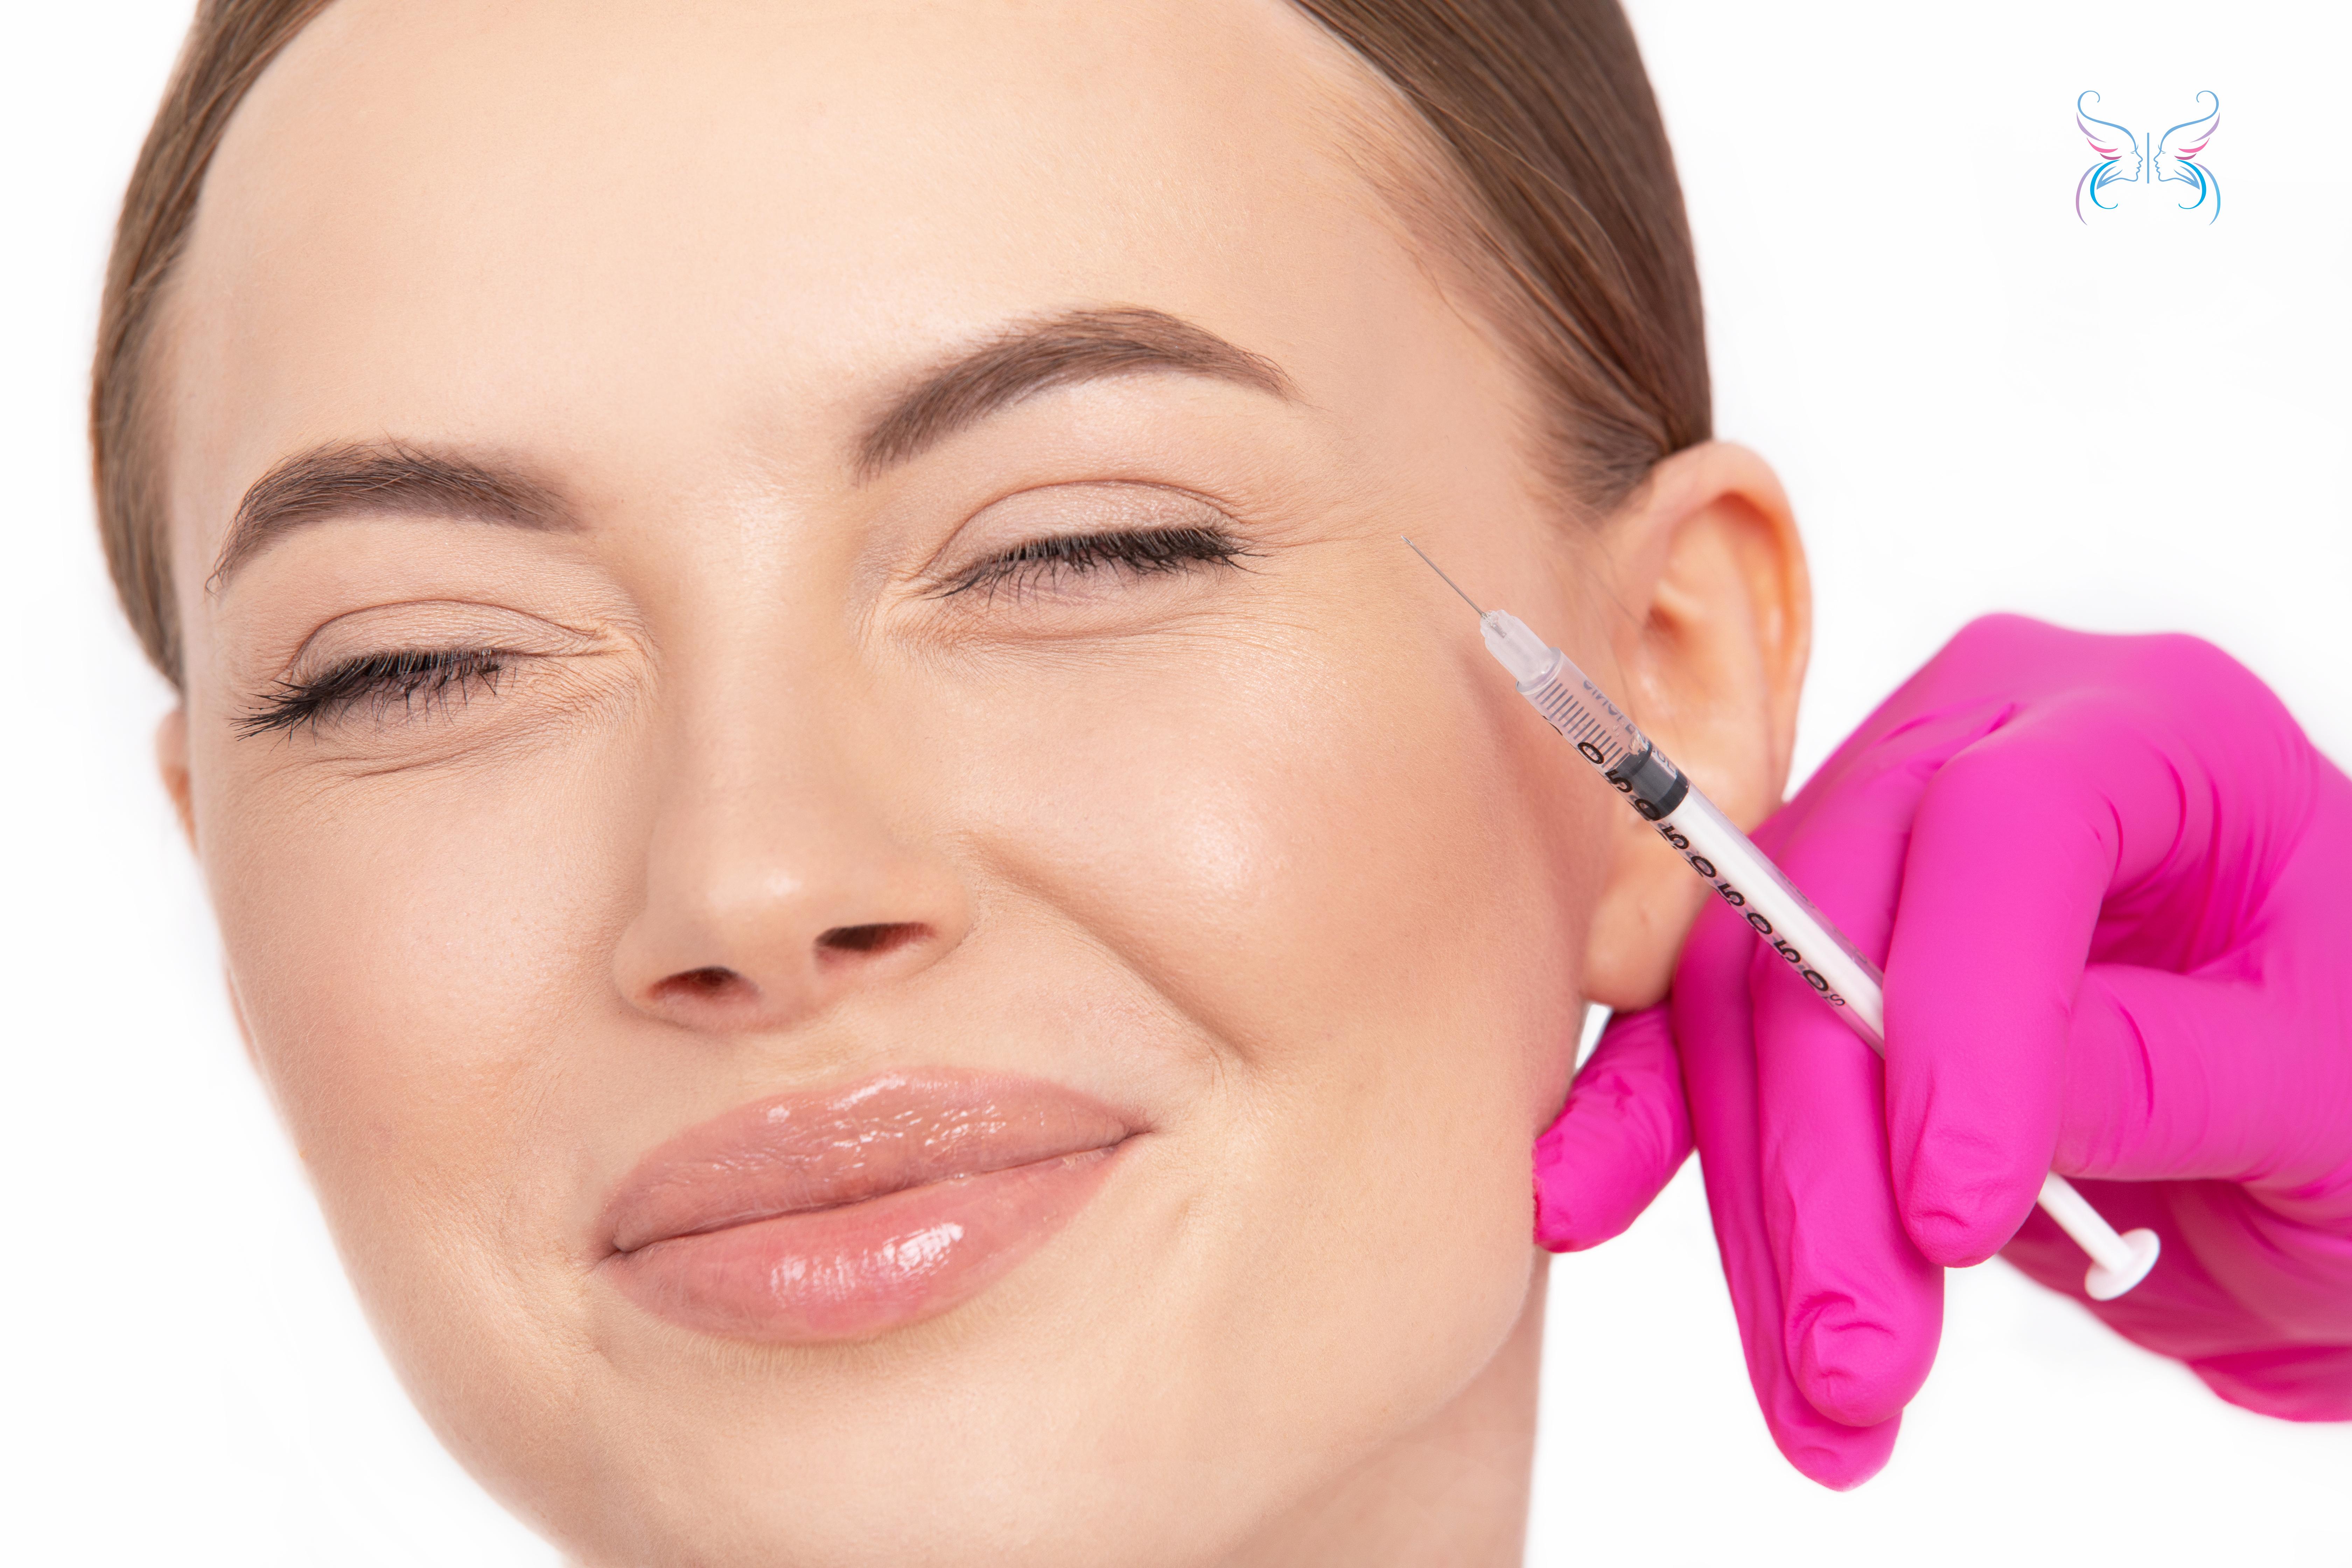 Ботокс (Botox) инъекции вокруг глаз